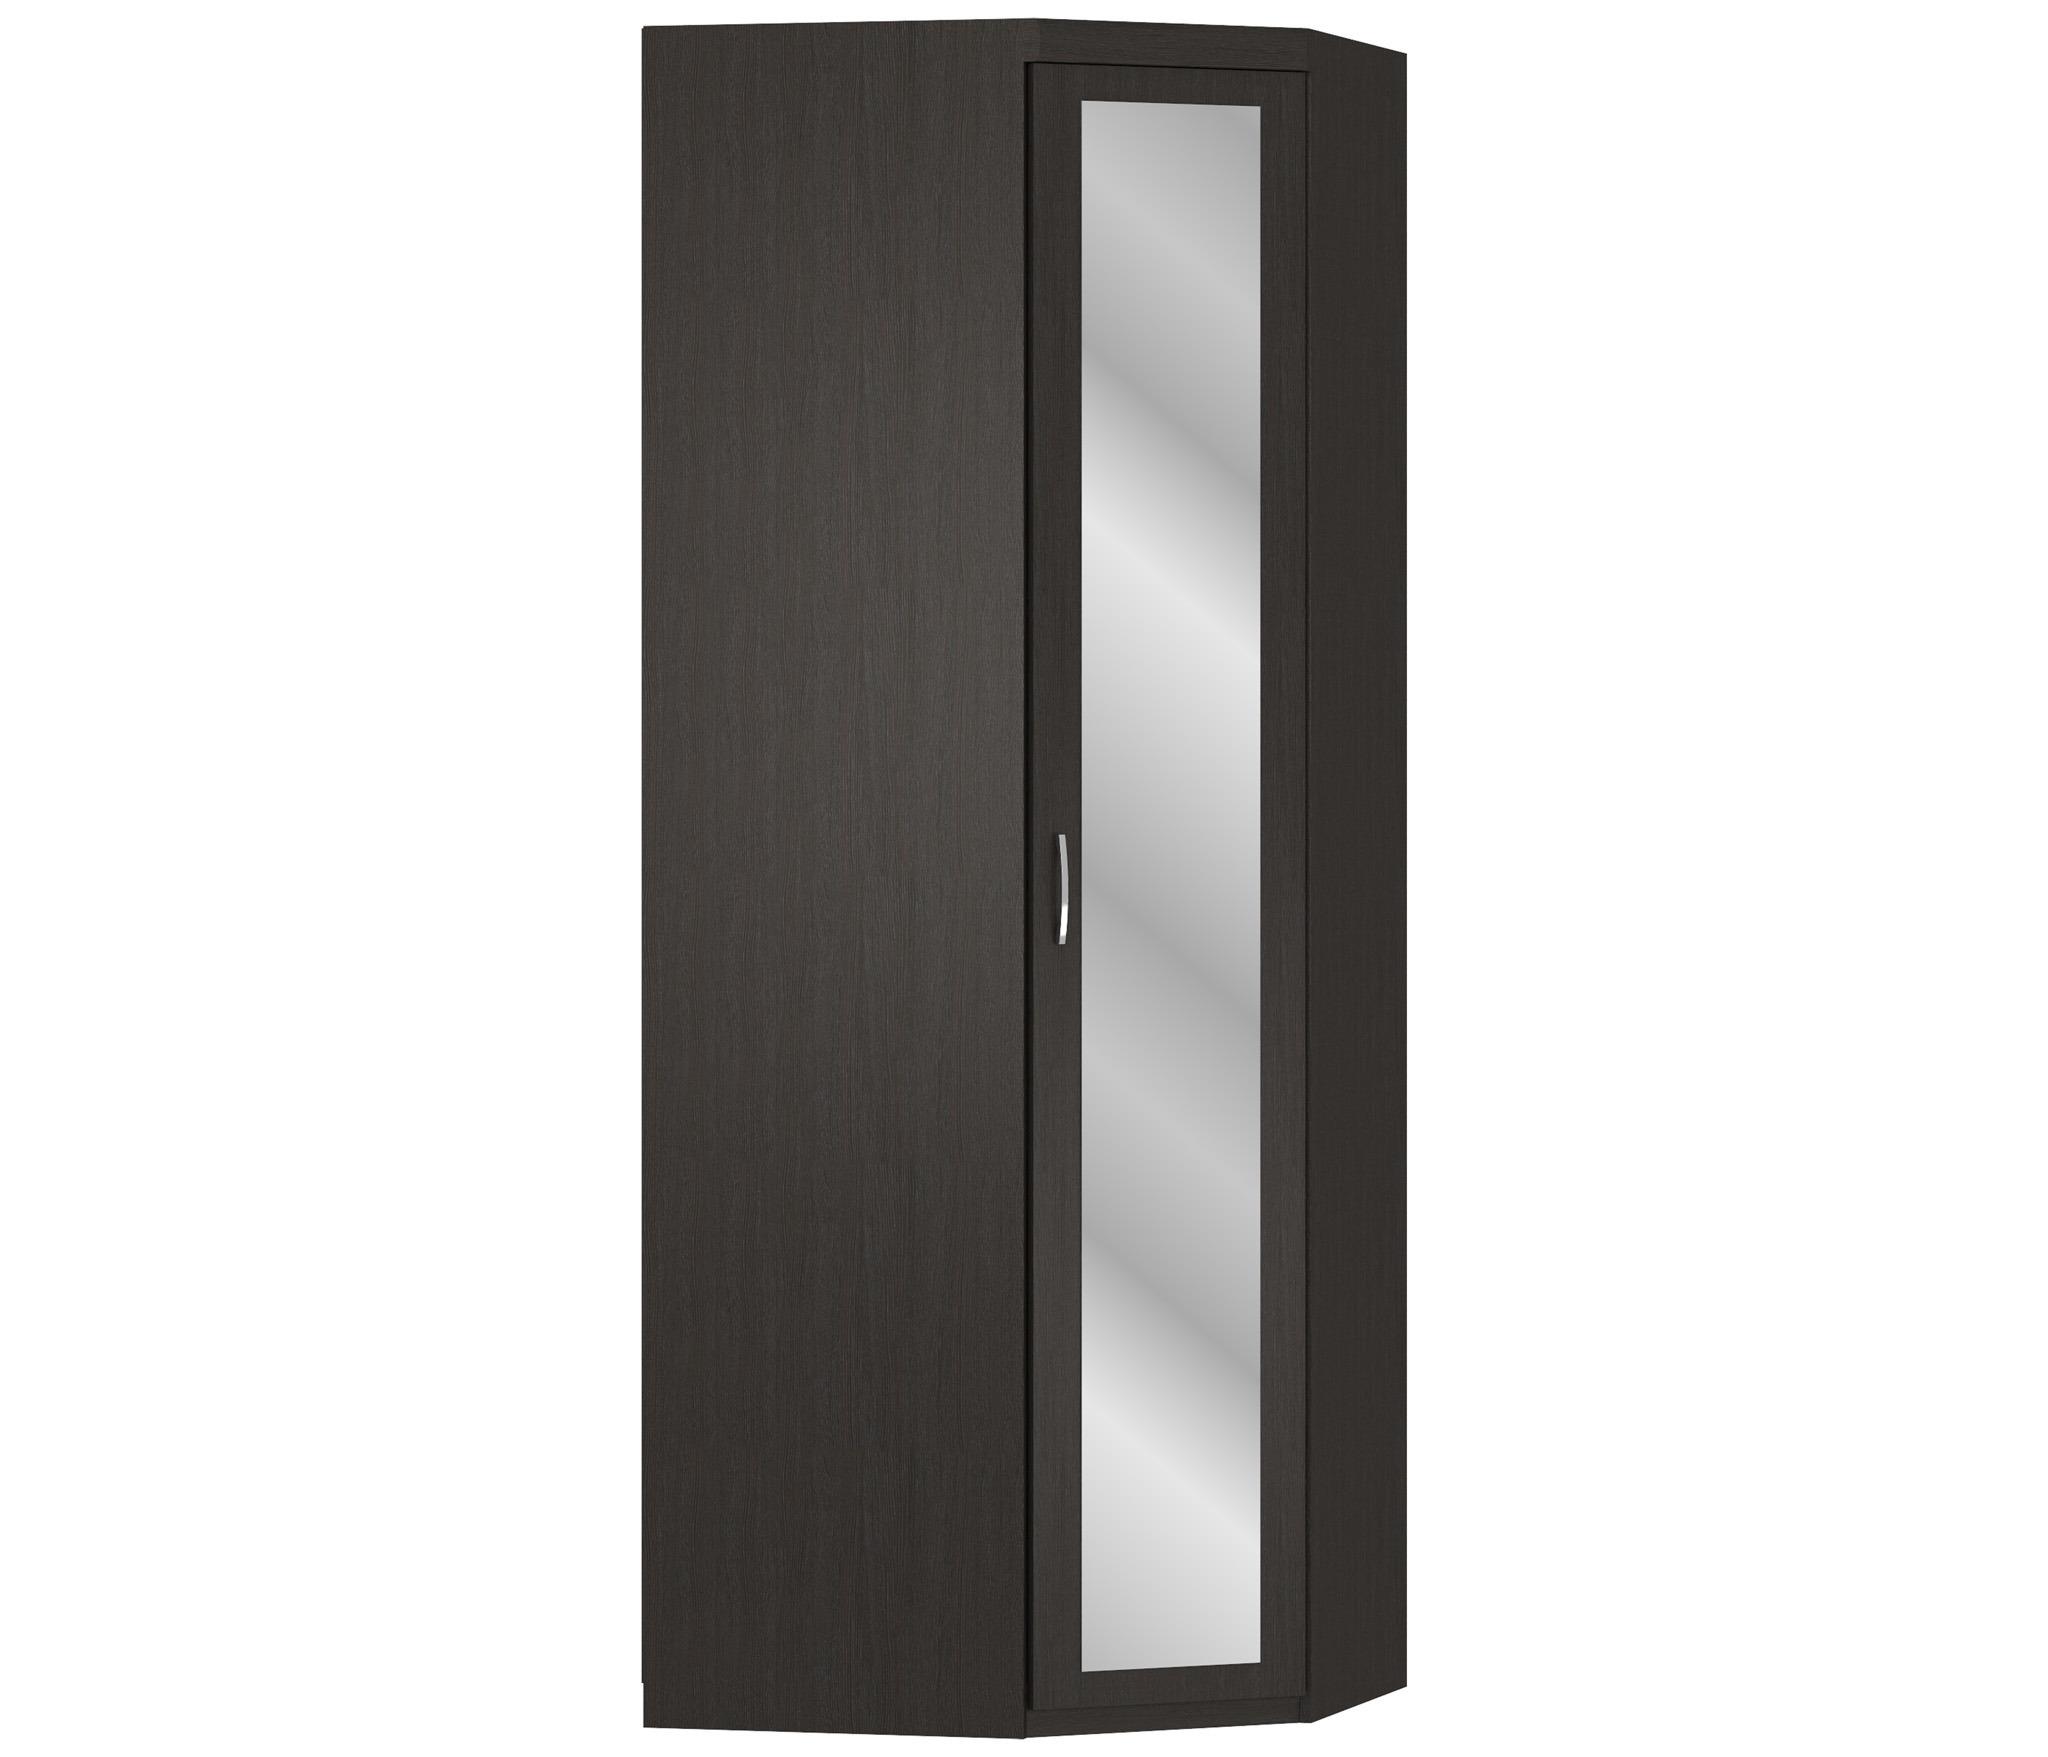 Соната СБ-2484 Шкаф угловойУгловые шкафы<br><br><br>Длина мм: 879<br>Высота мм: 2380<br>Глубина мм: 879